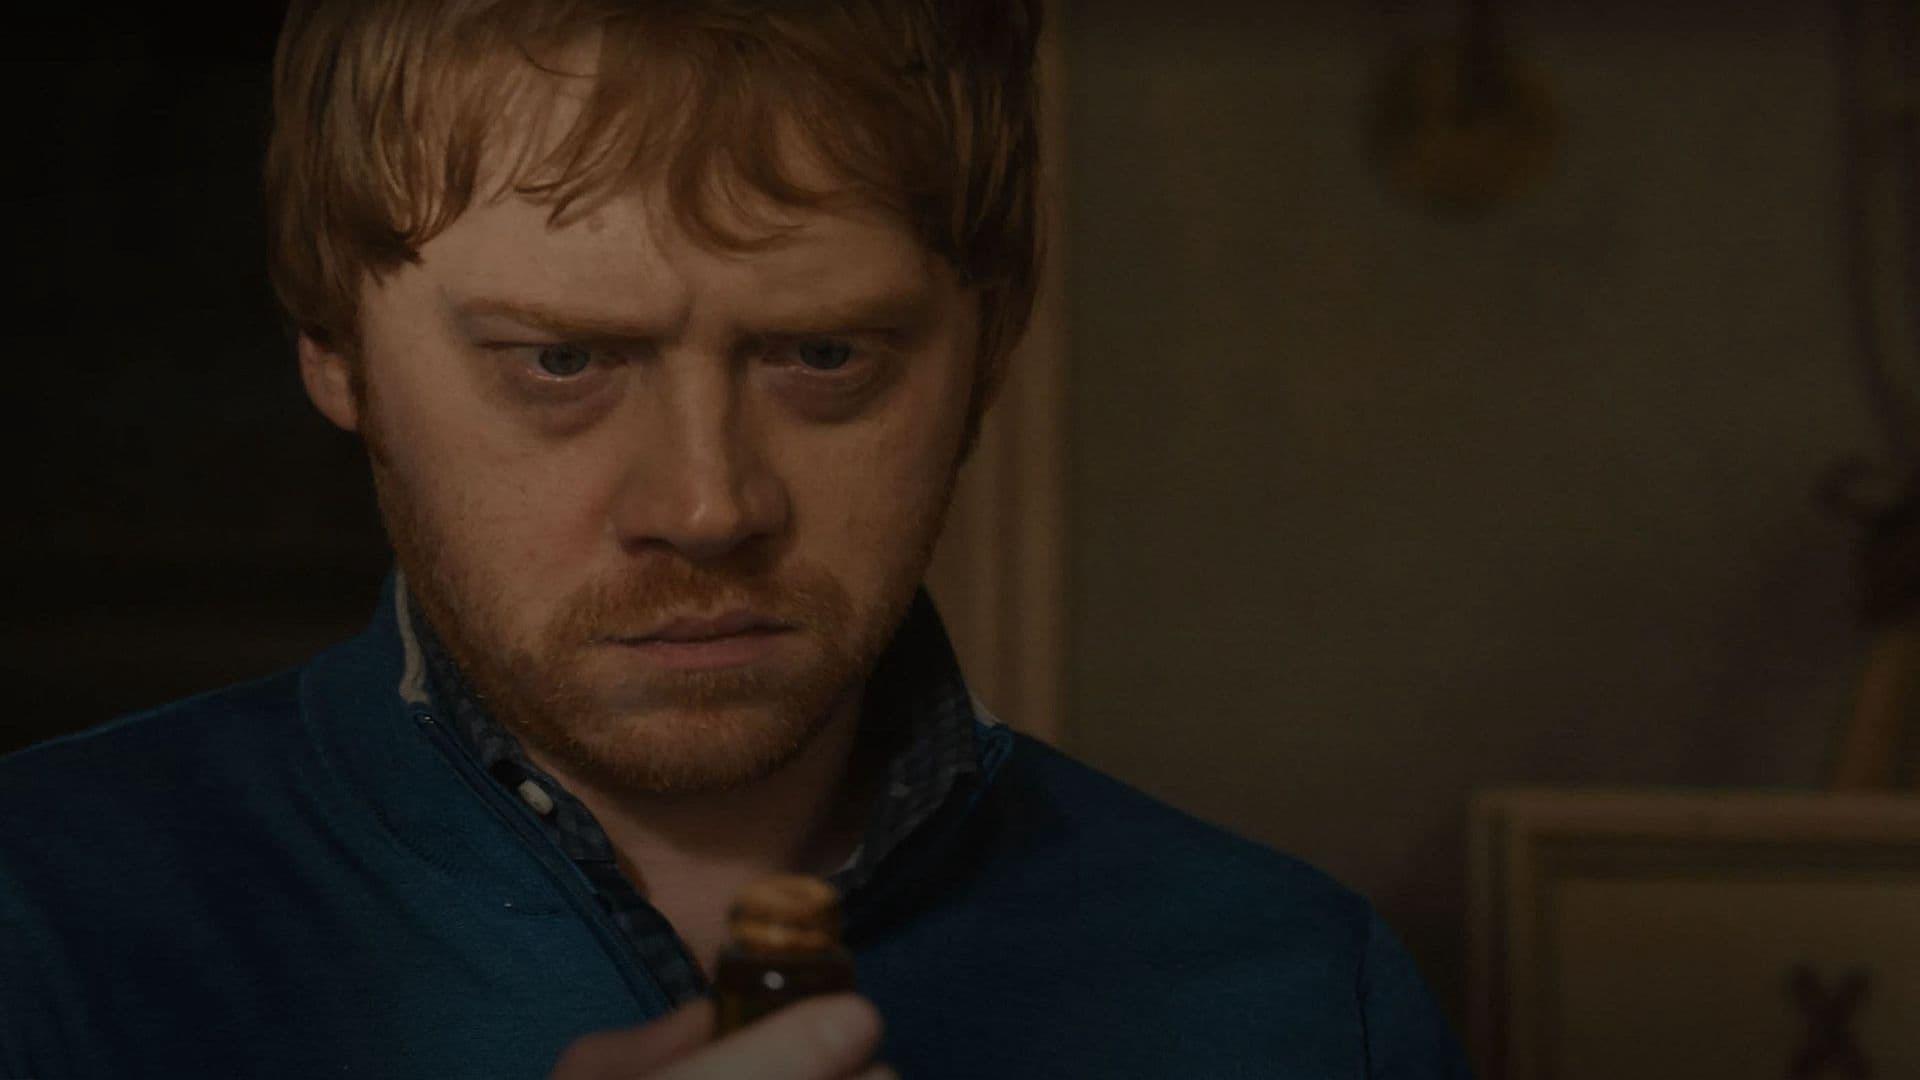 روپرت گرینت بازیگر نقش جولیان در قسمت نهم از فصل اول سریال خدمتکار